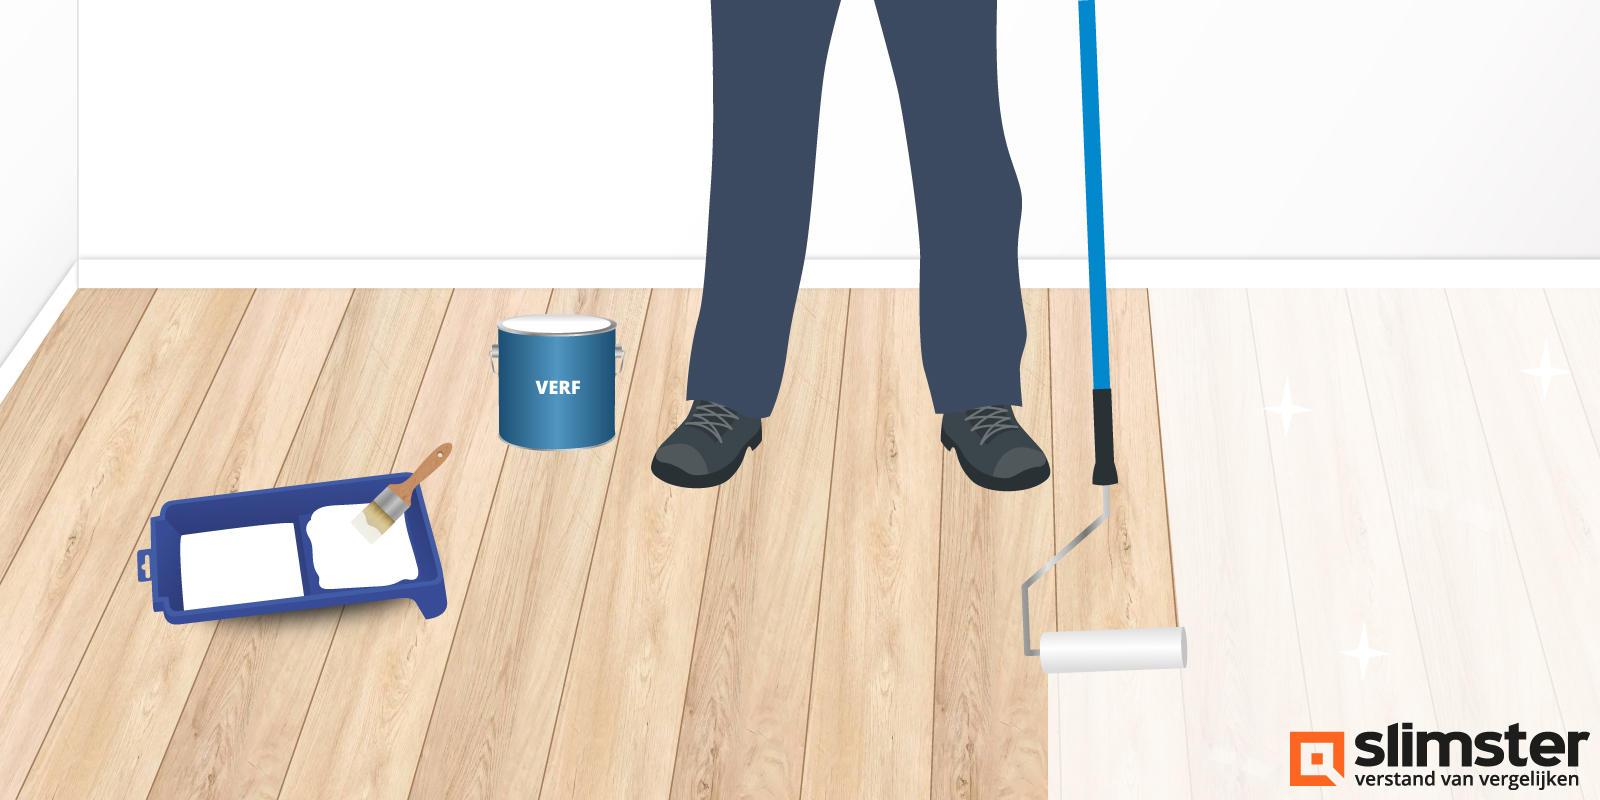 houten vloer kleur veranderen